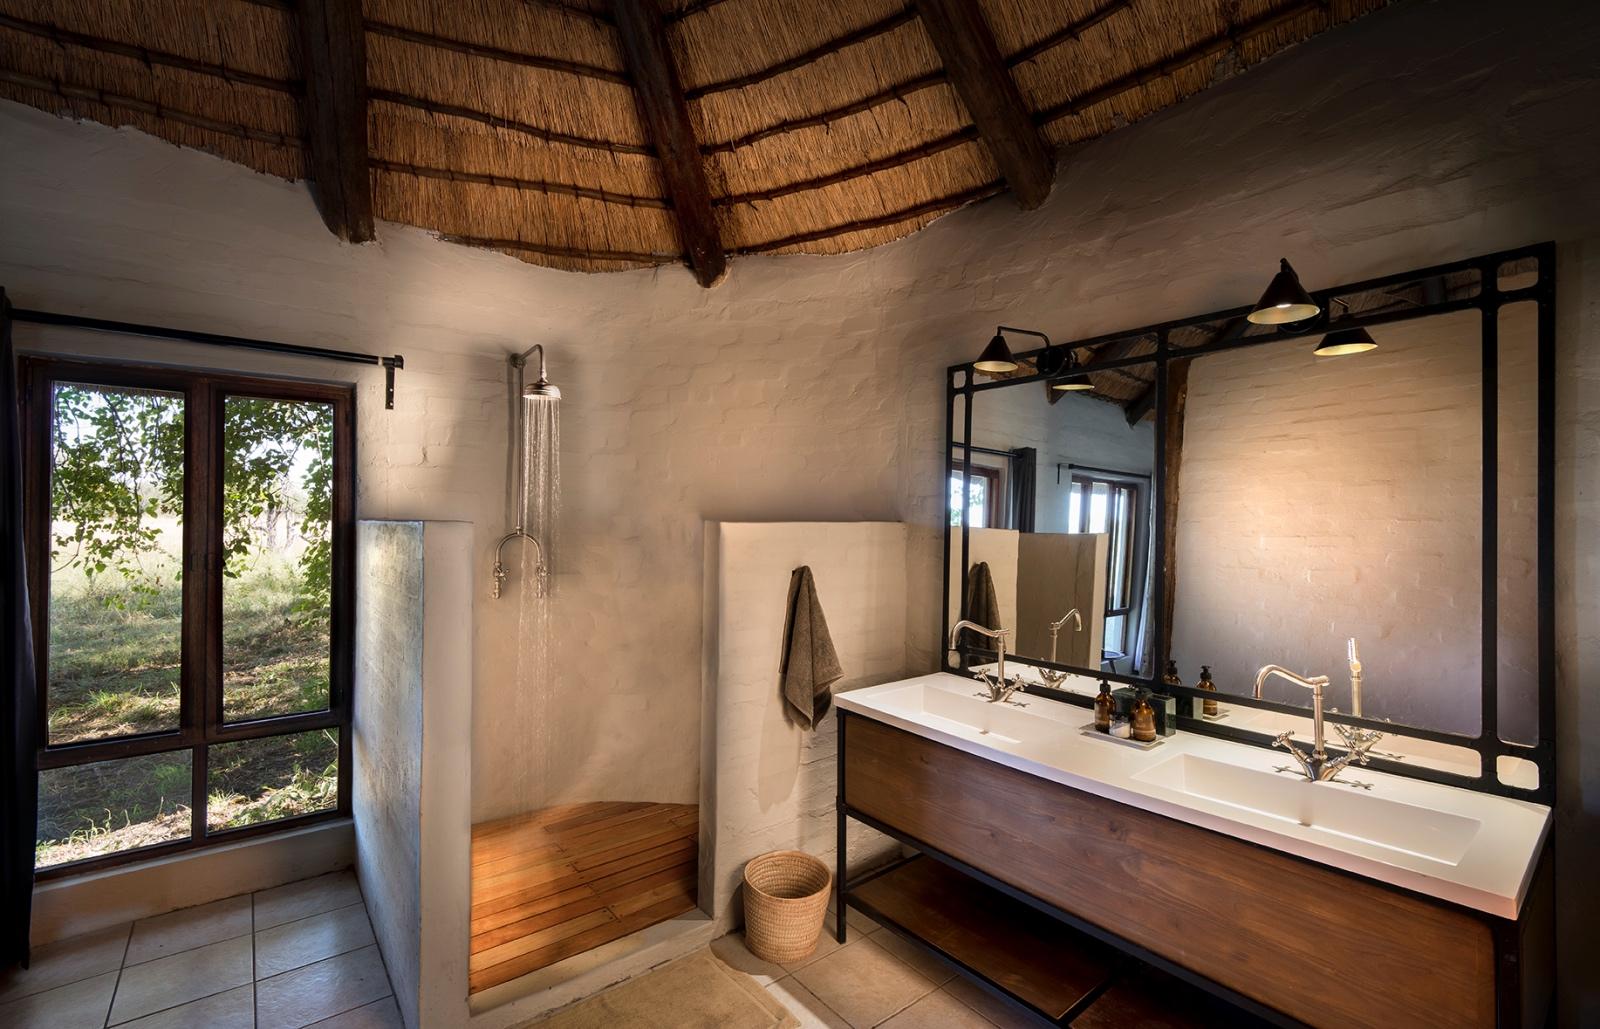 Khwai Bush Camp en suite bathroom with indoor facilities